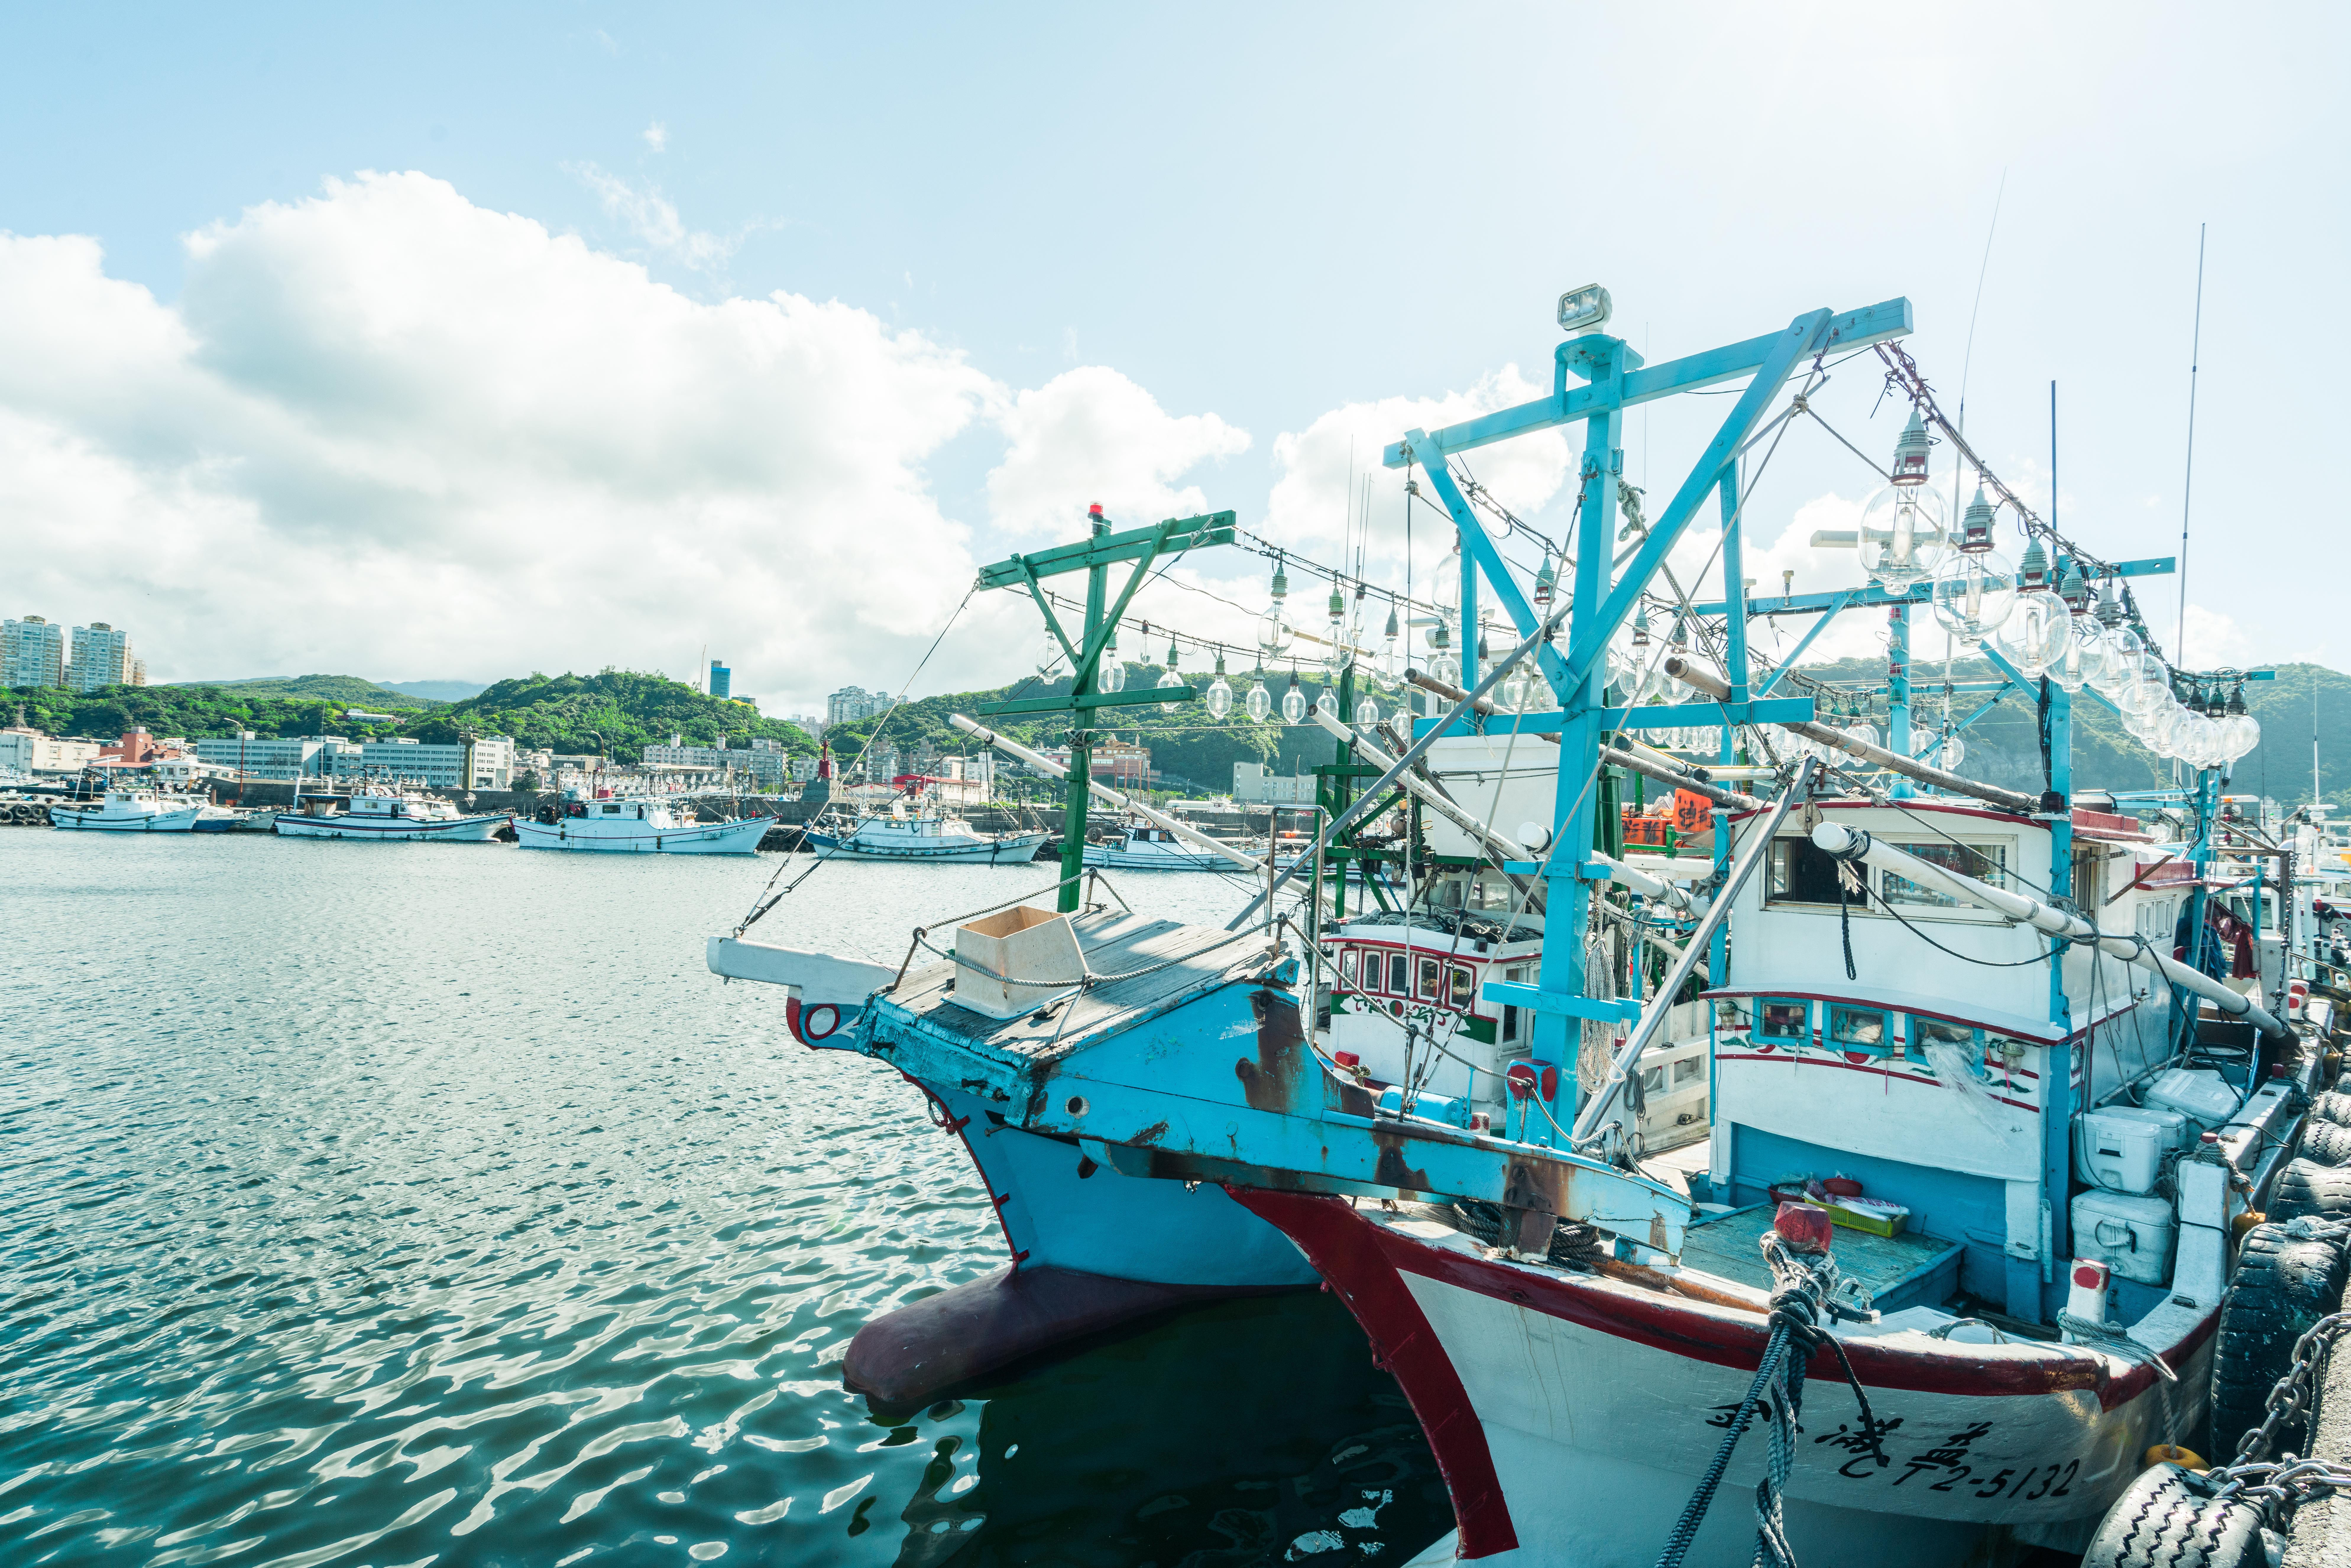 Puerto Pesquero de Bisha